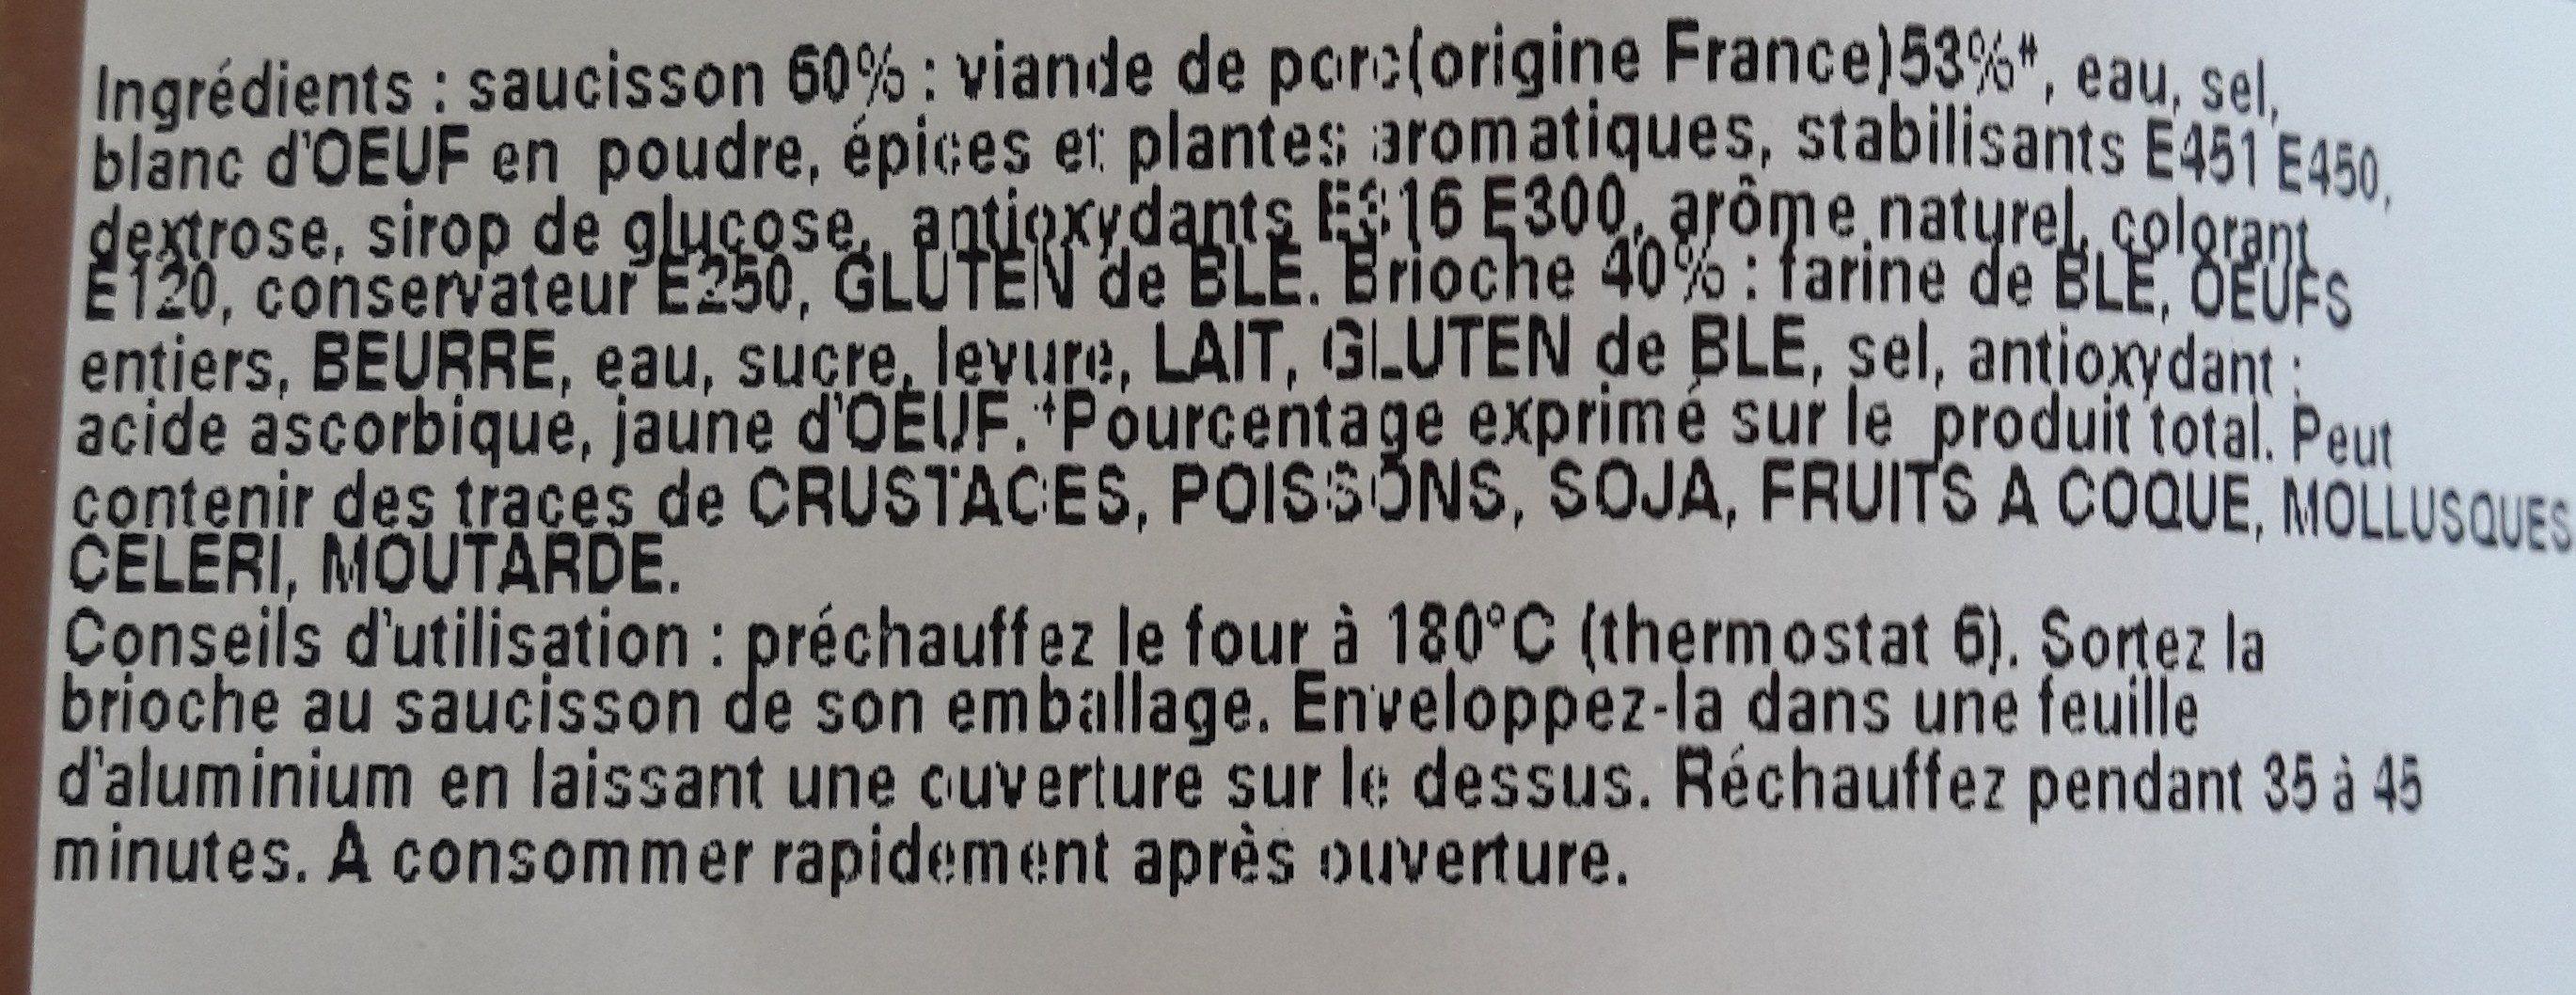 Saucisson brioché lyonnais - Ingrédients - fr